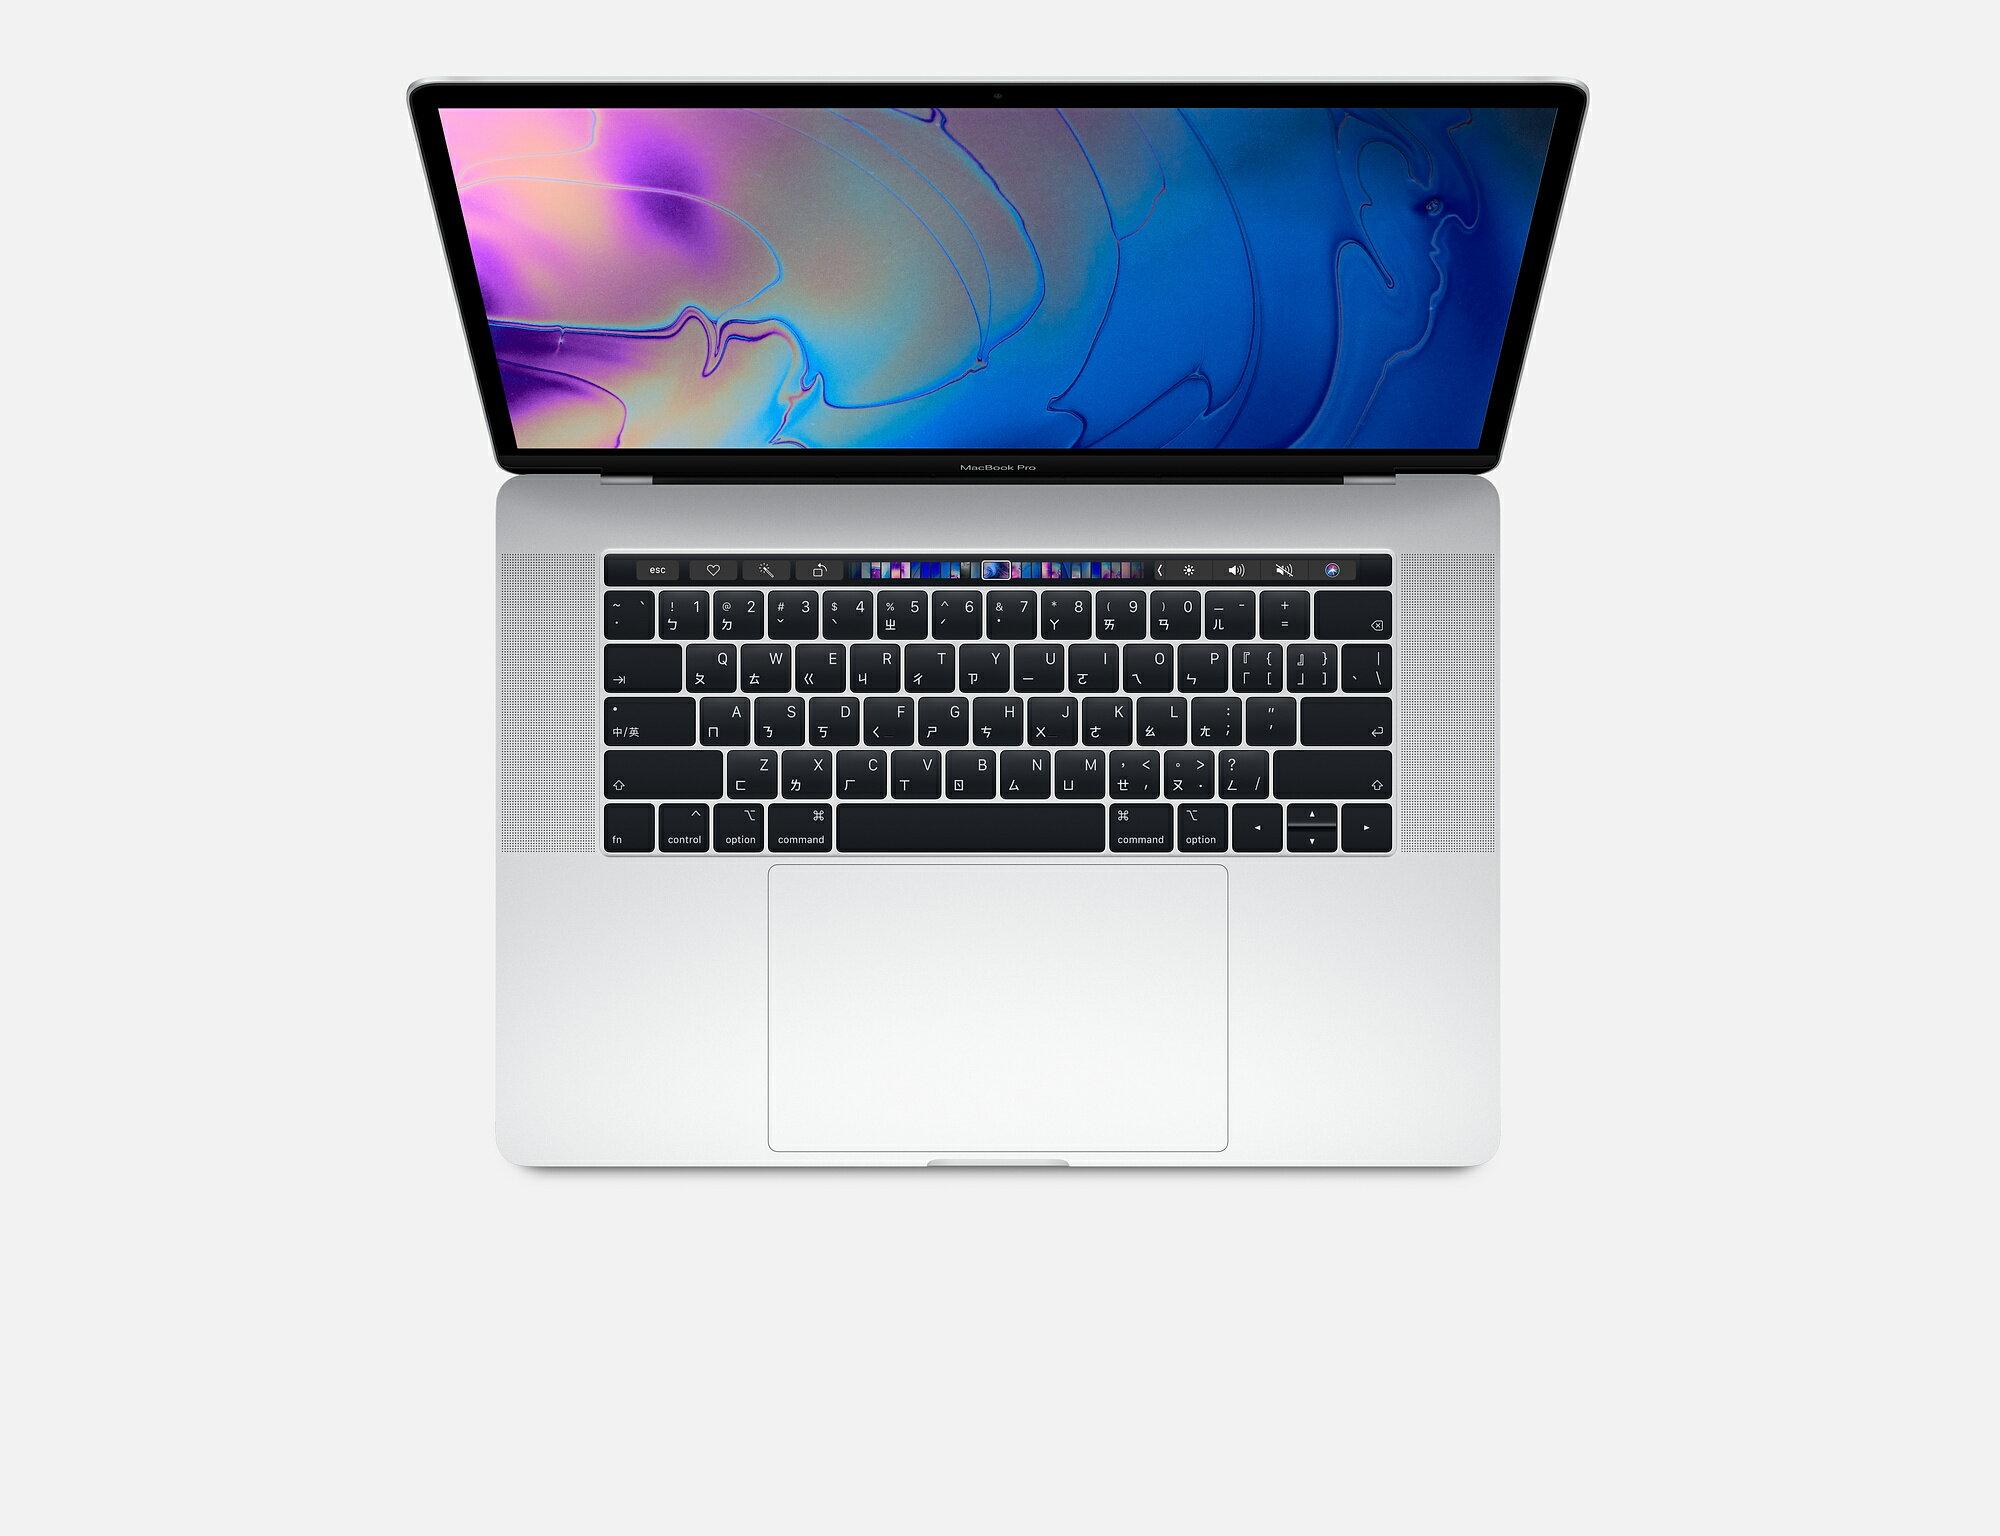 ★限時9折★ 2018 MacBook Pro 15吋 i7 / 2.6GHz / 16G / 512GB / Touch Bar(銀色) 台灣公司貨 佳成數位 0